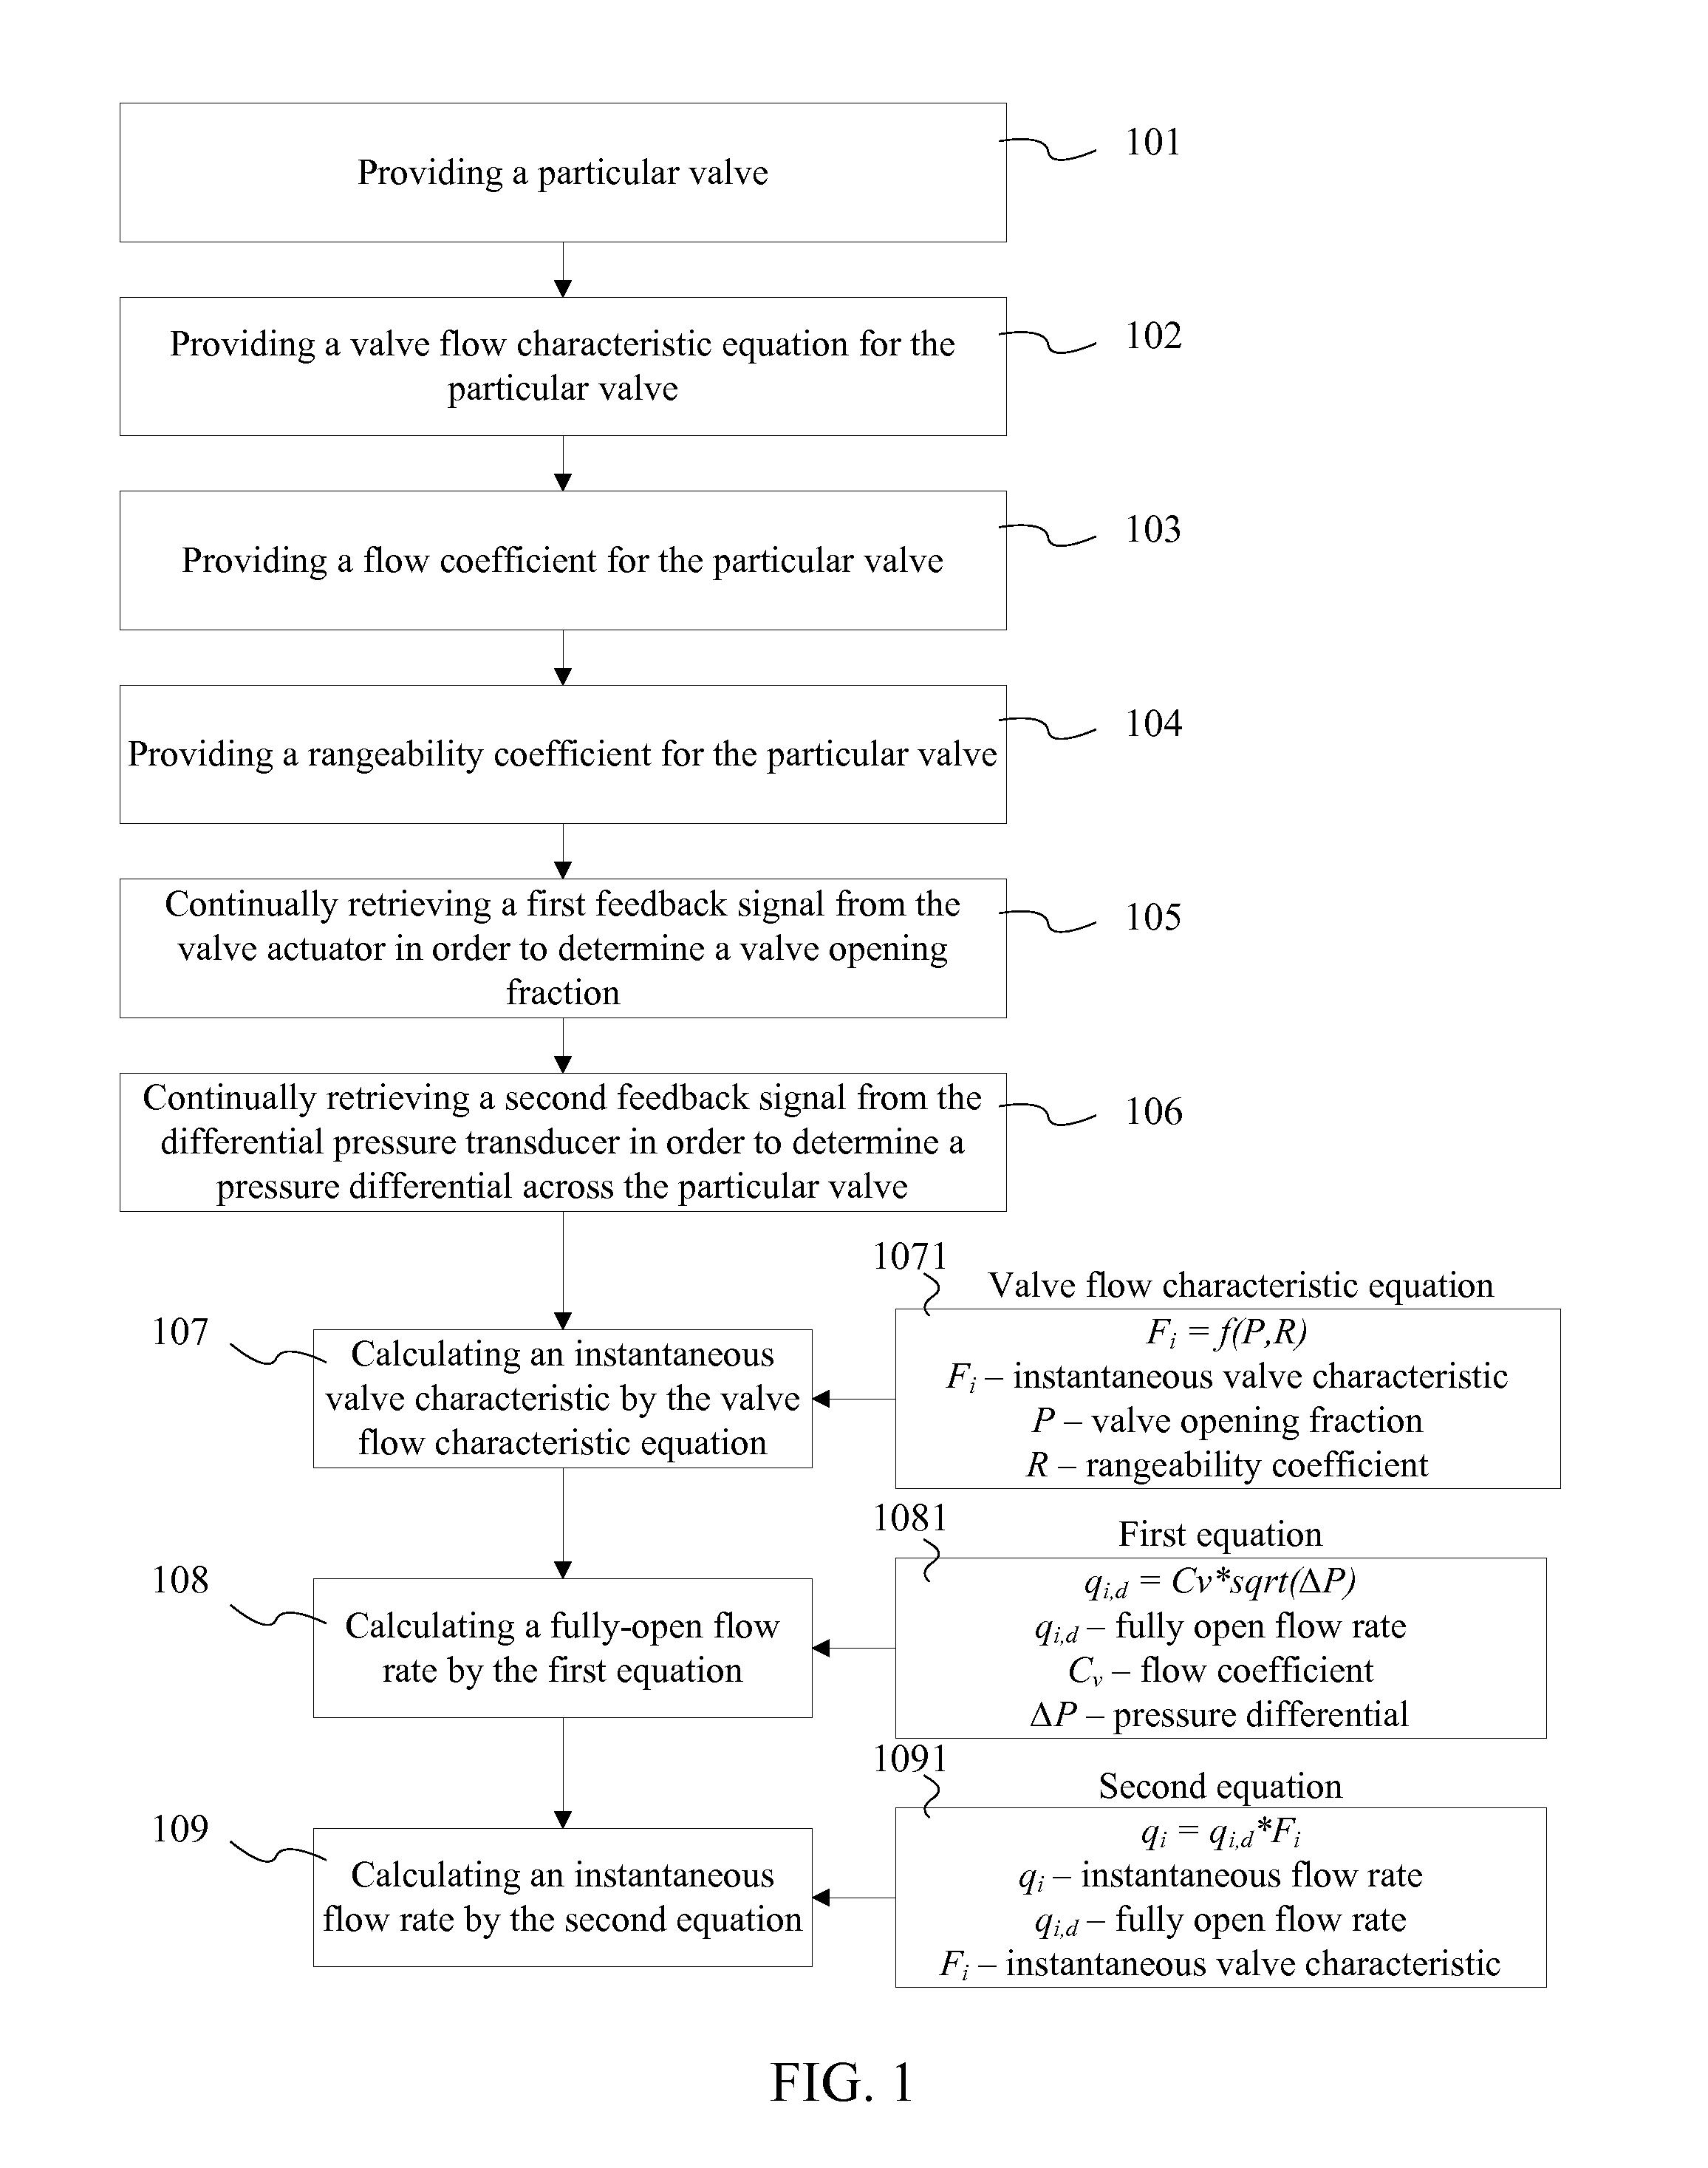 Brevet US20130240045 - Method for Determining a Fluid